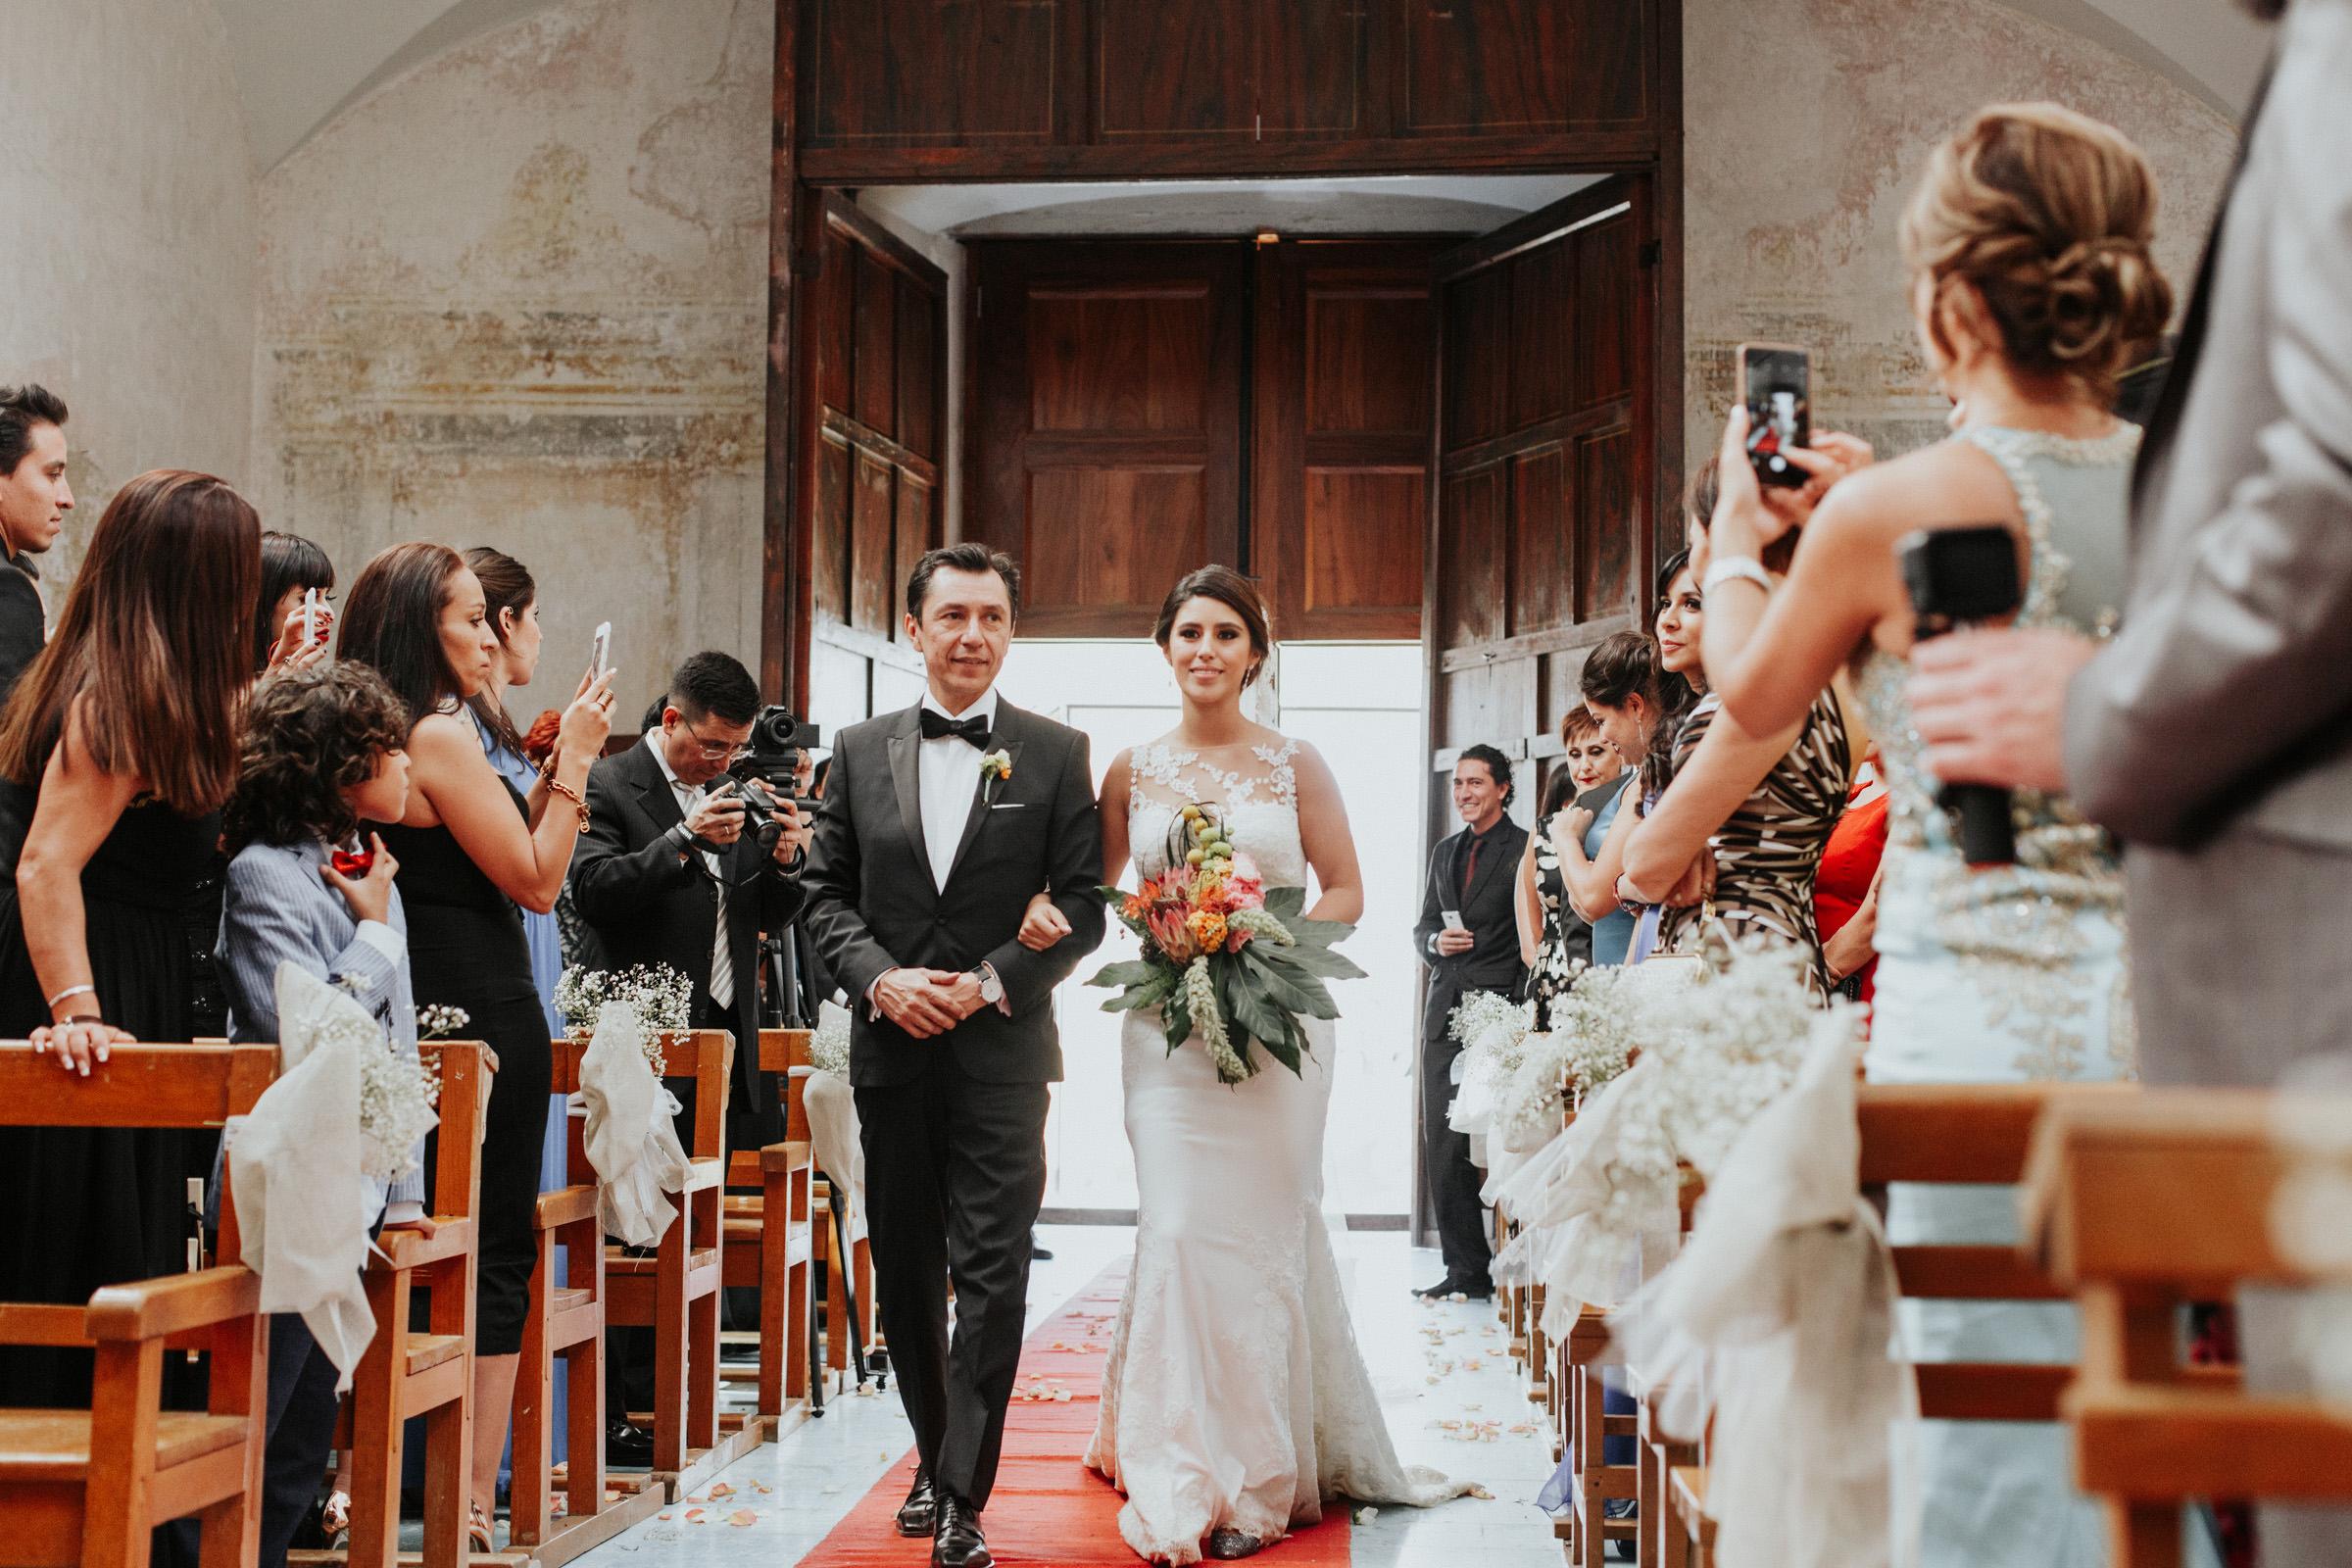 Boda-Guanajuato-Camino-de-Vinos-San-Miguel-Allende-Wedding-Fotografia-Paulina-Mauricio-Pierce0163.JPG